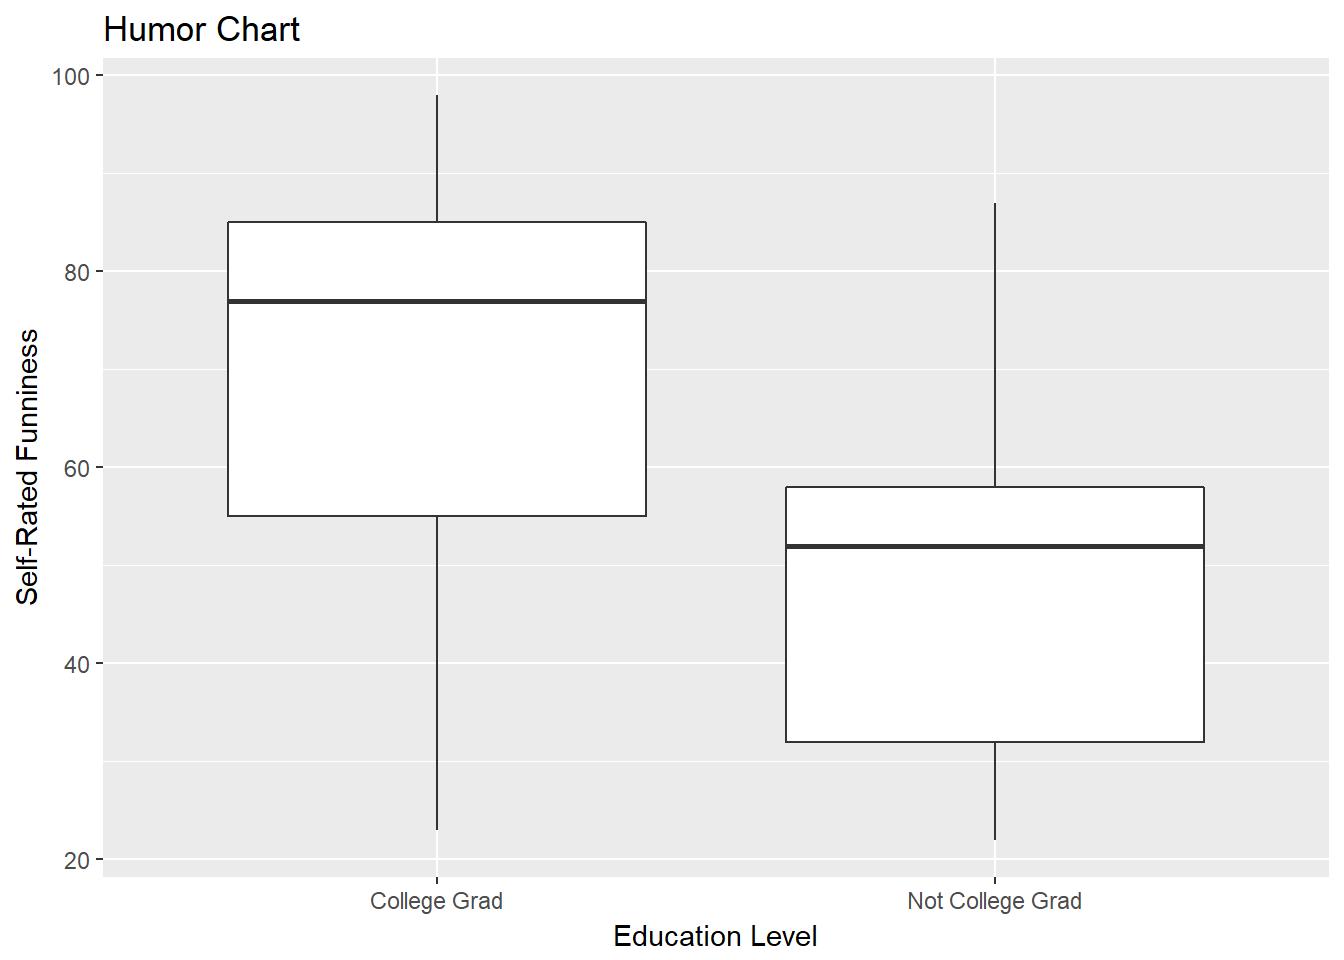 Chapter 11: Boxplots and Bar Graphs